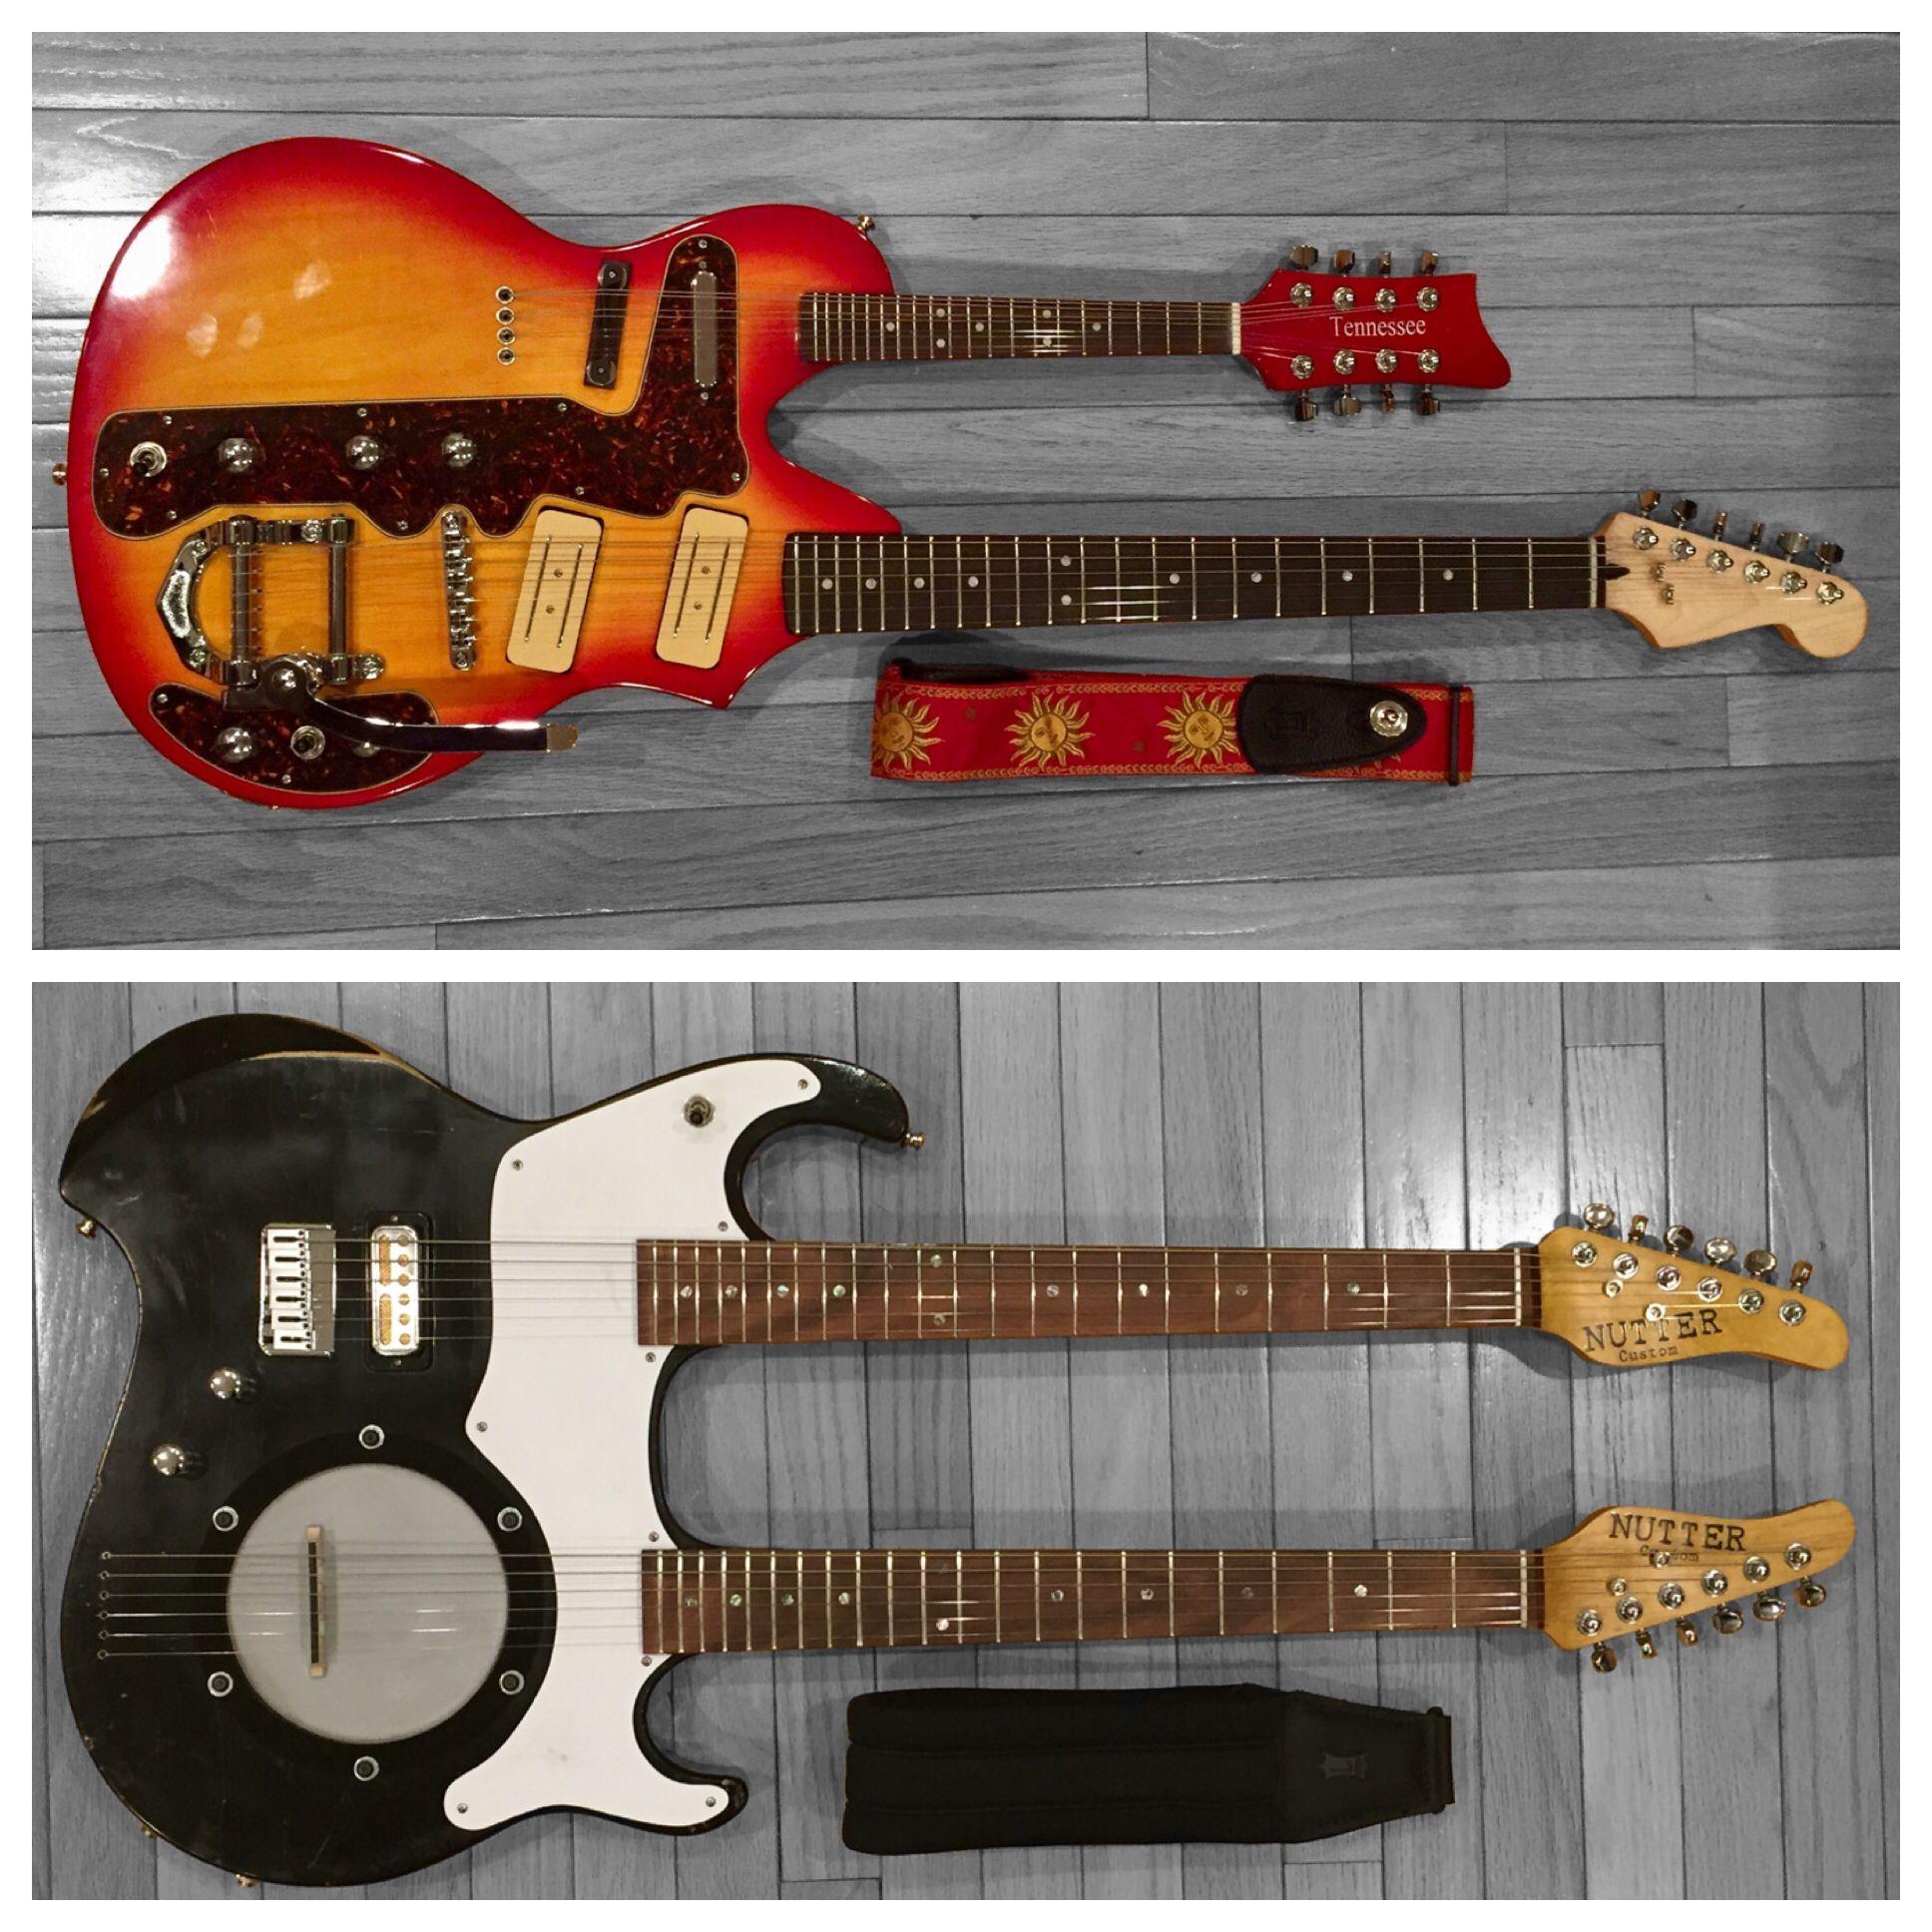 Crazy Guitar Combos A Rebuilt Tennessee Mando Guitar Nutter Custom Guitar Banjo Guitar Design Guitar Neck Custom Guitars